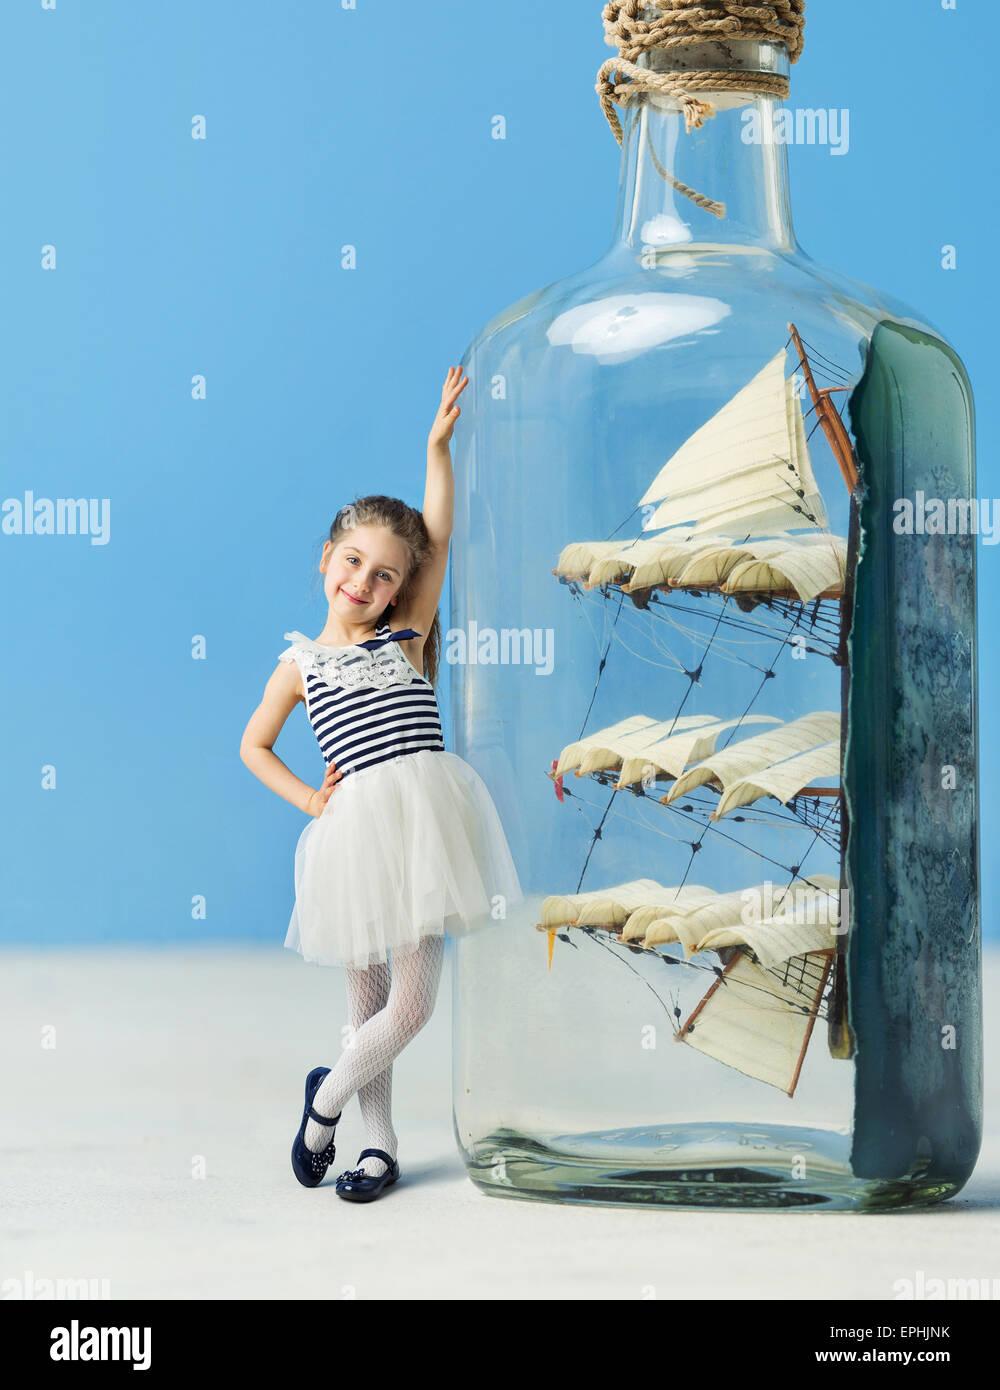 Señorita junto a un barco en una botella Imagen De Stock